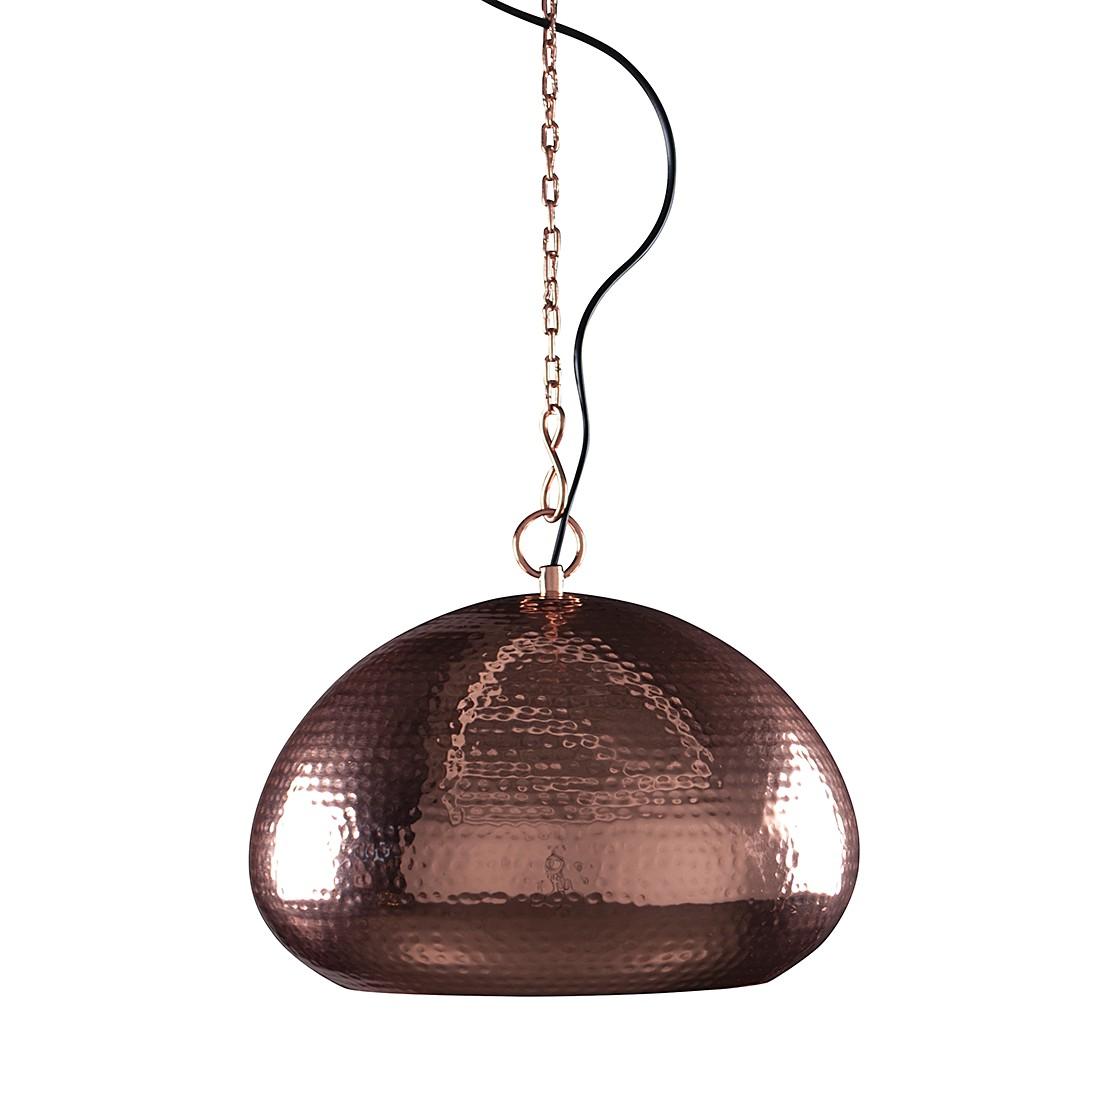 EEK A++, Pendelleuchte Hamme Oval  – Kupfer, Zuiver günstig online kaufen